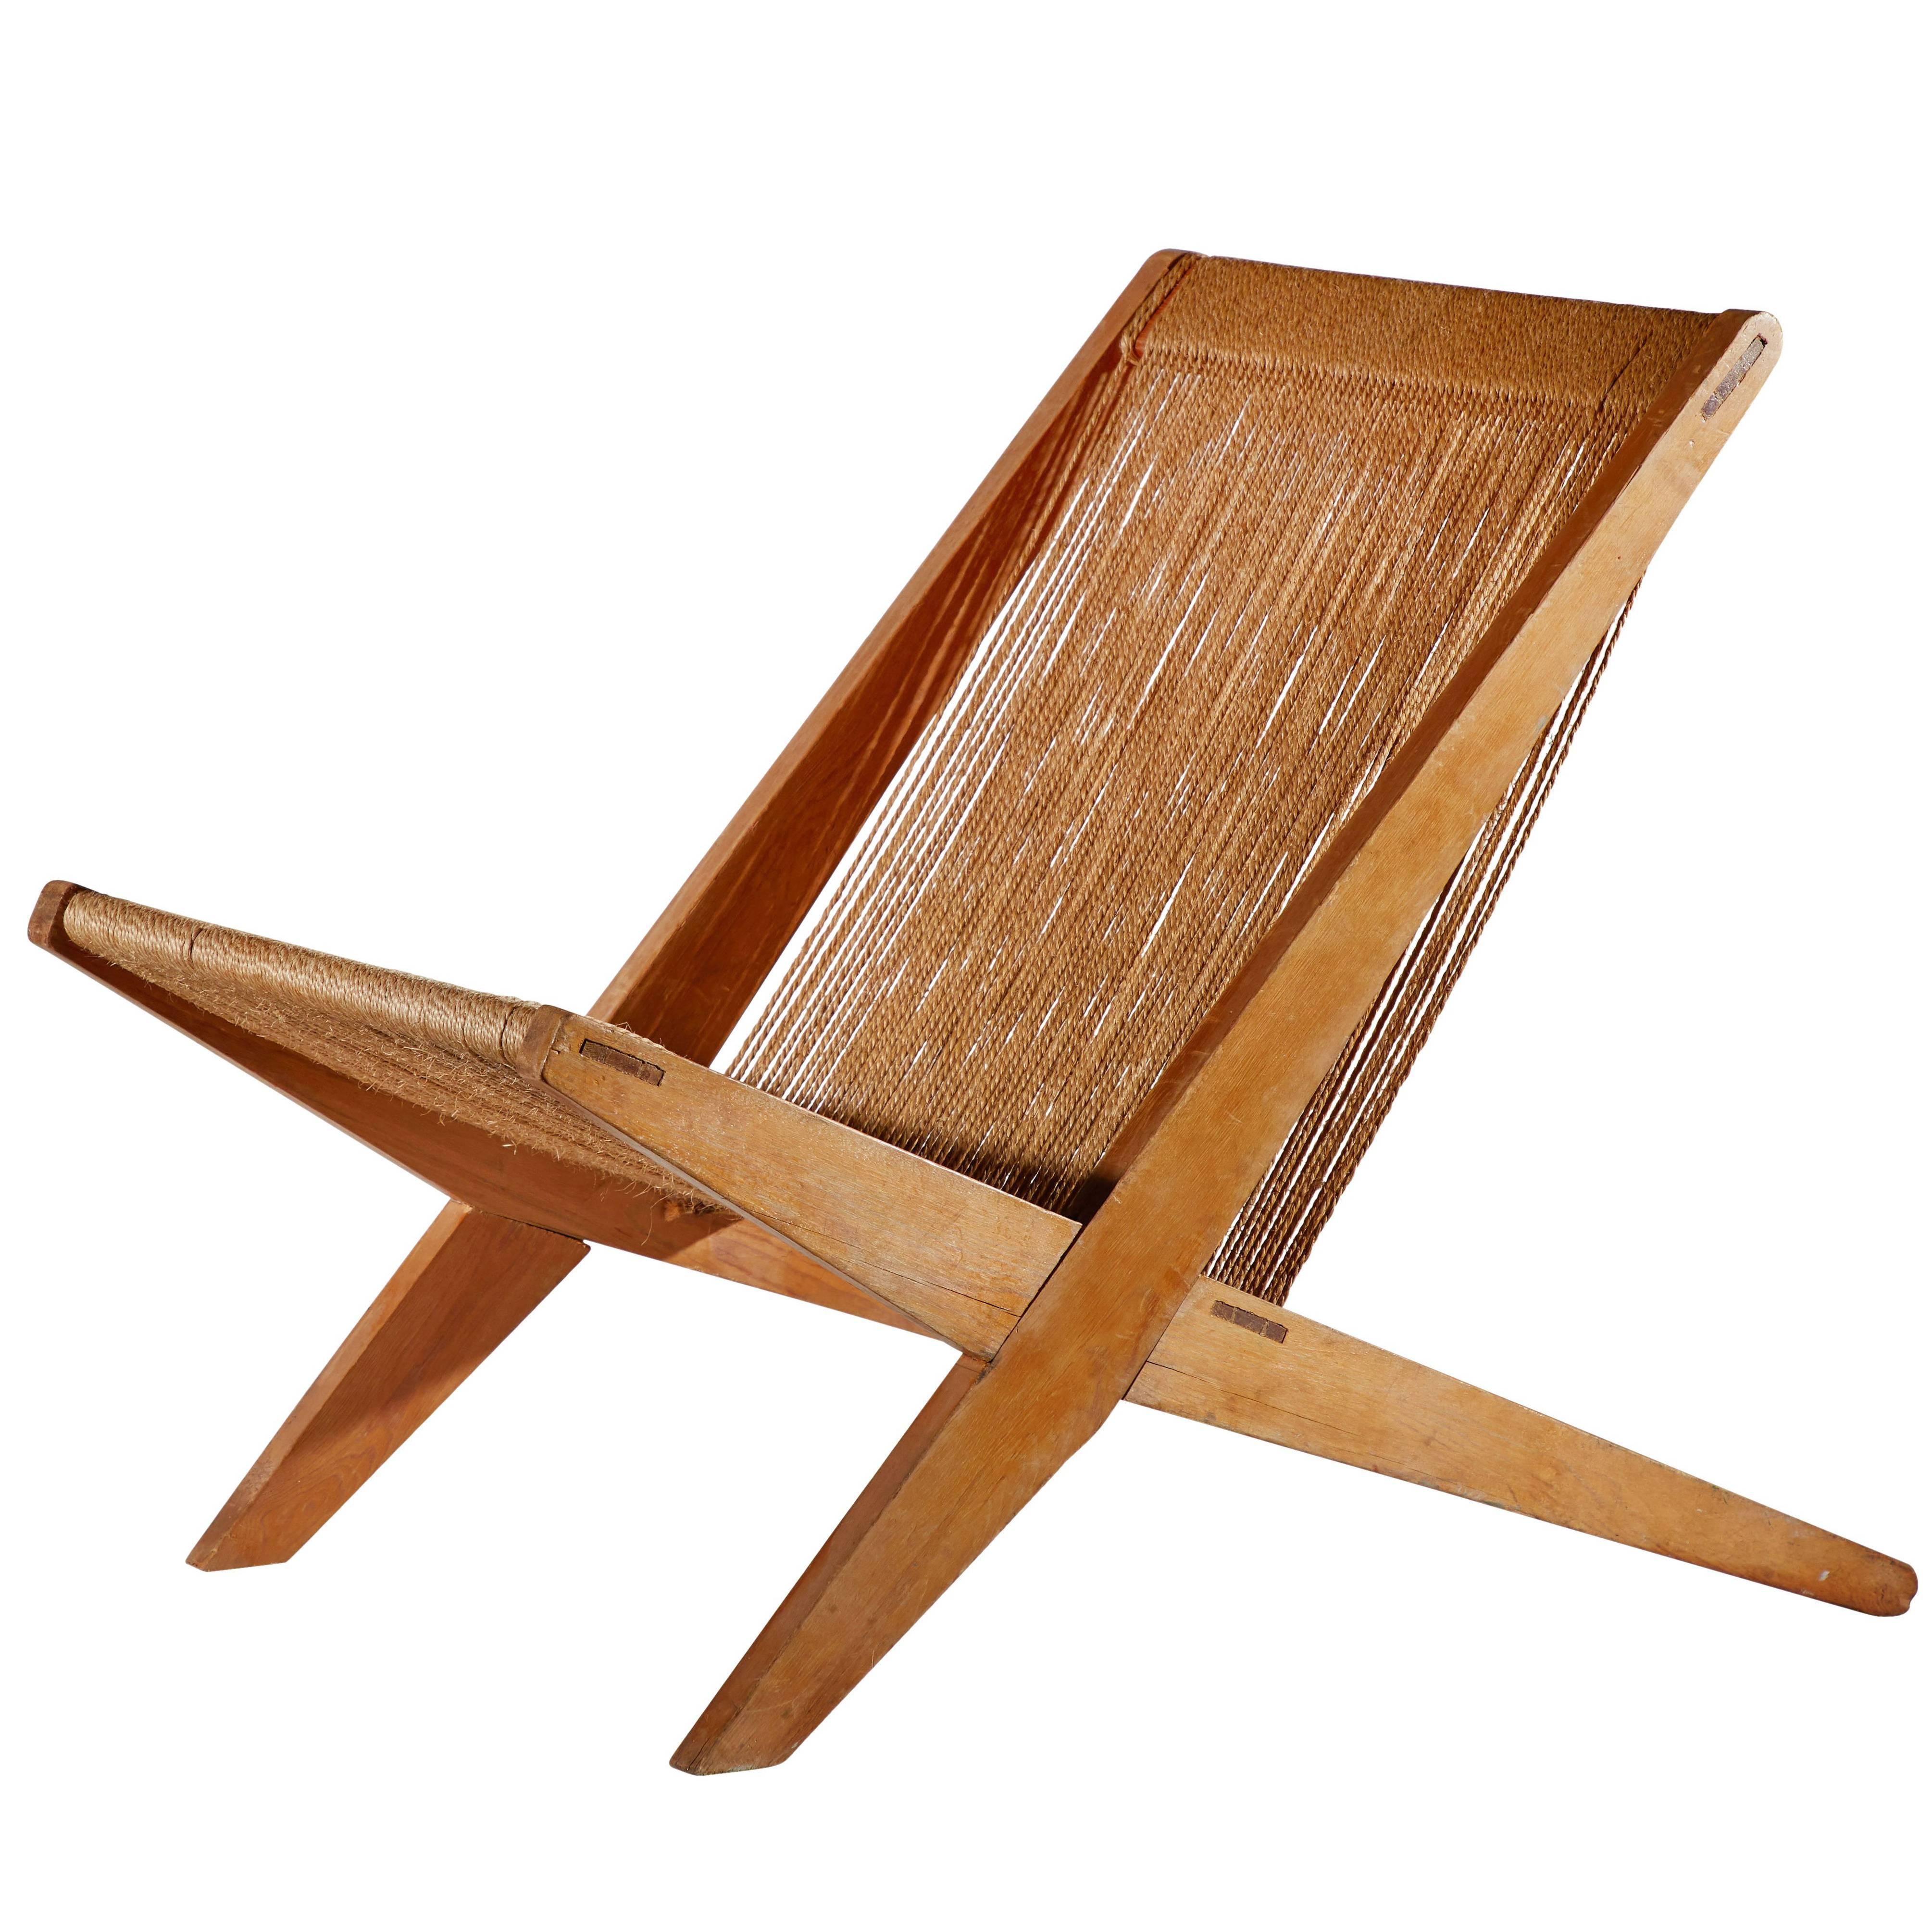 Merveilleux Snedkerier Lounge Chair By Poul Kjaerholm And Jørgen Høj For Sale